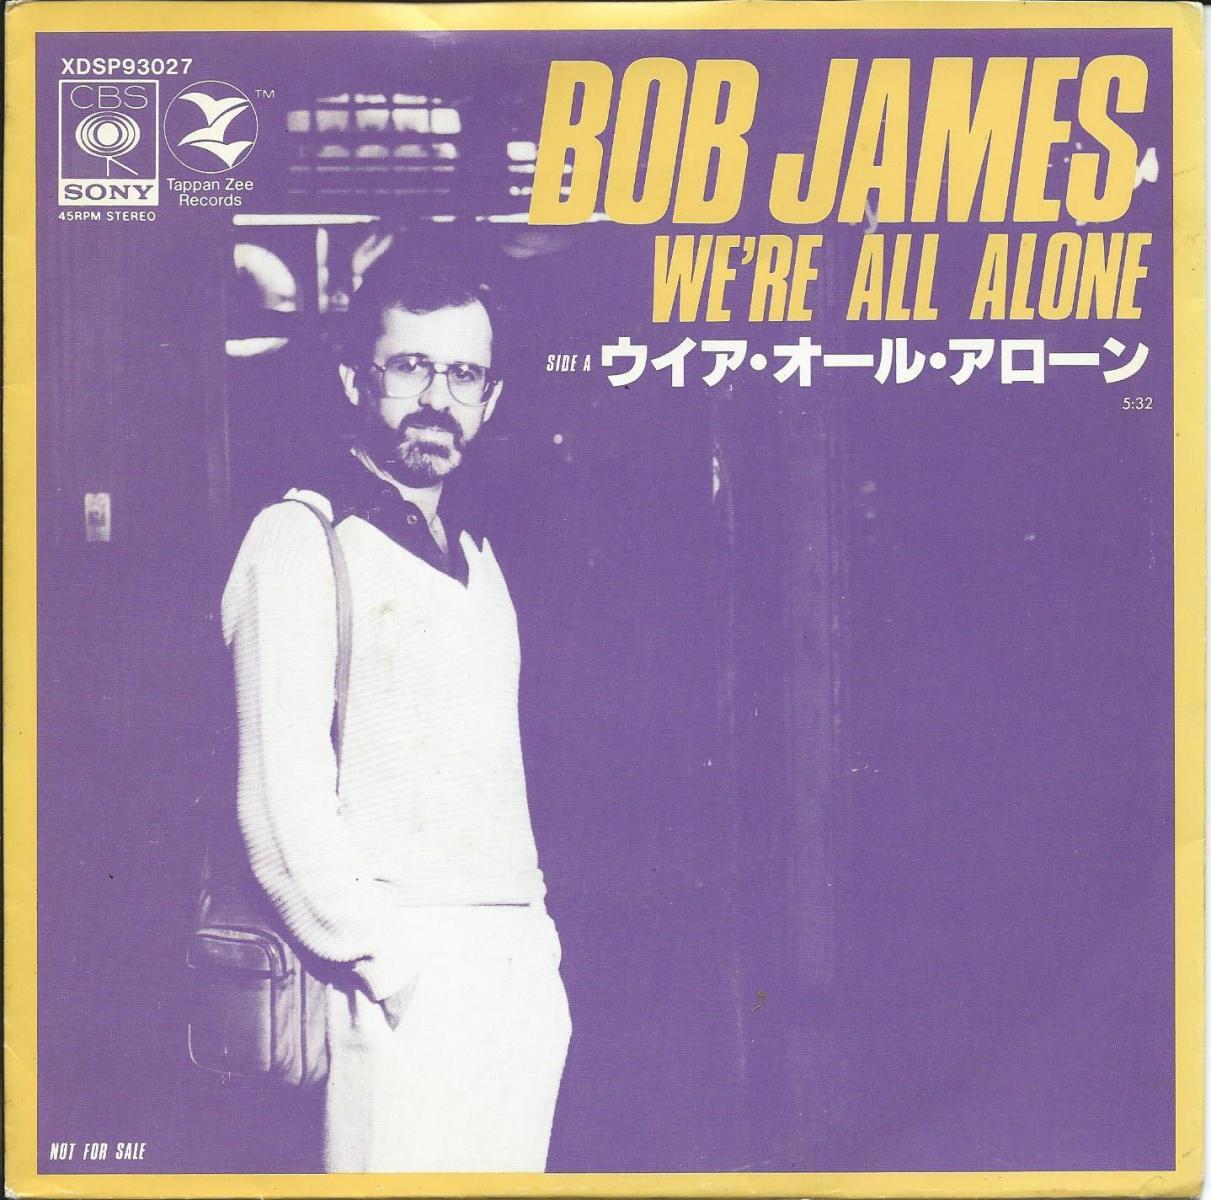 ボブ・ジェームス BOB JAMES / ウイア・オール・アローン WE'RE ALL ALONE (7